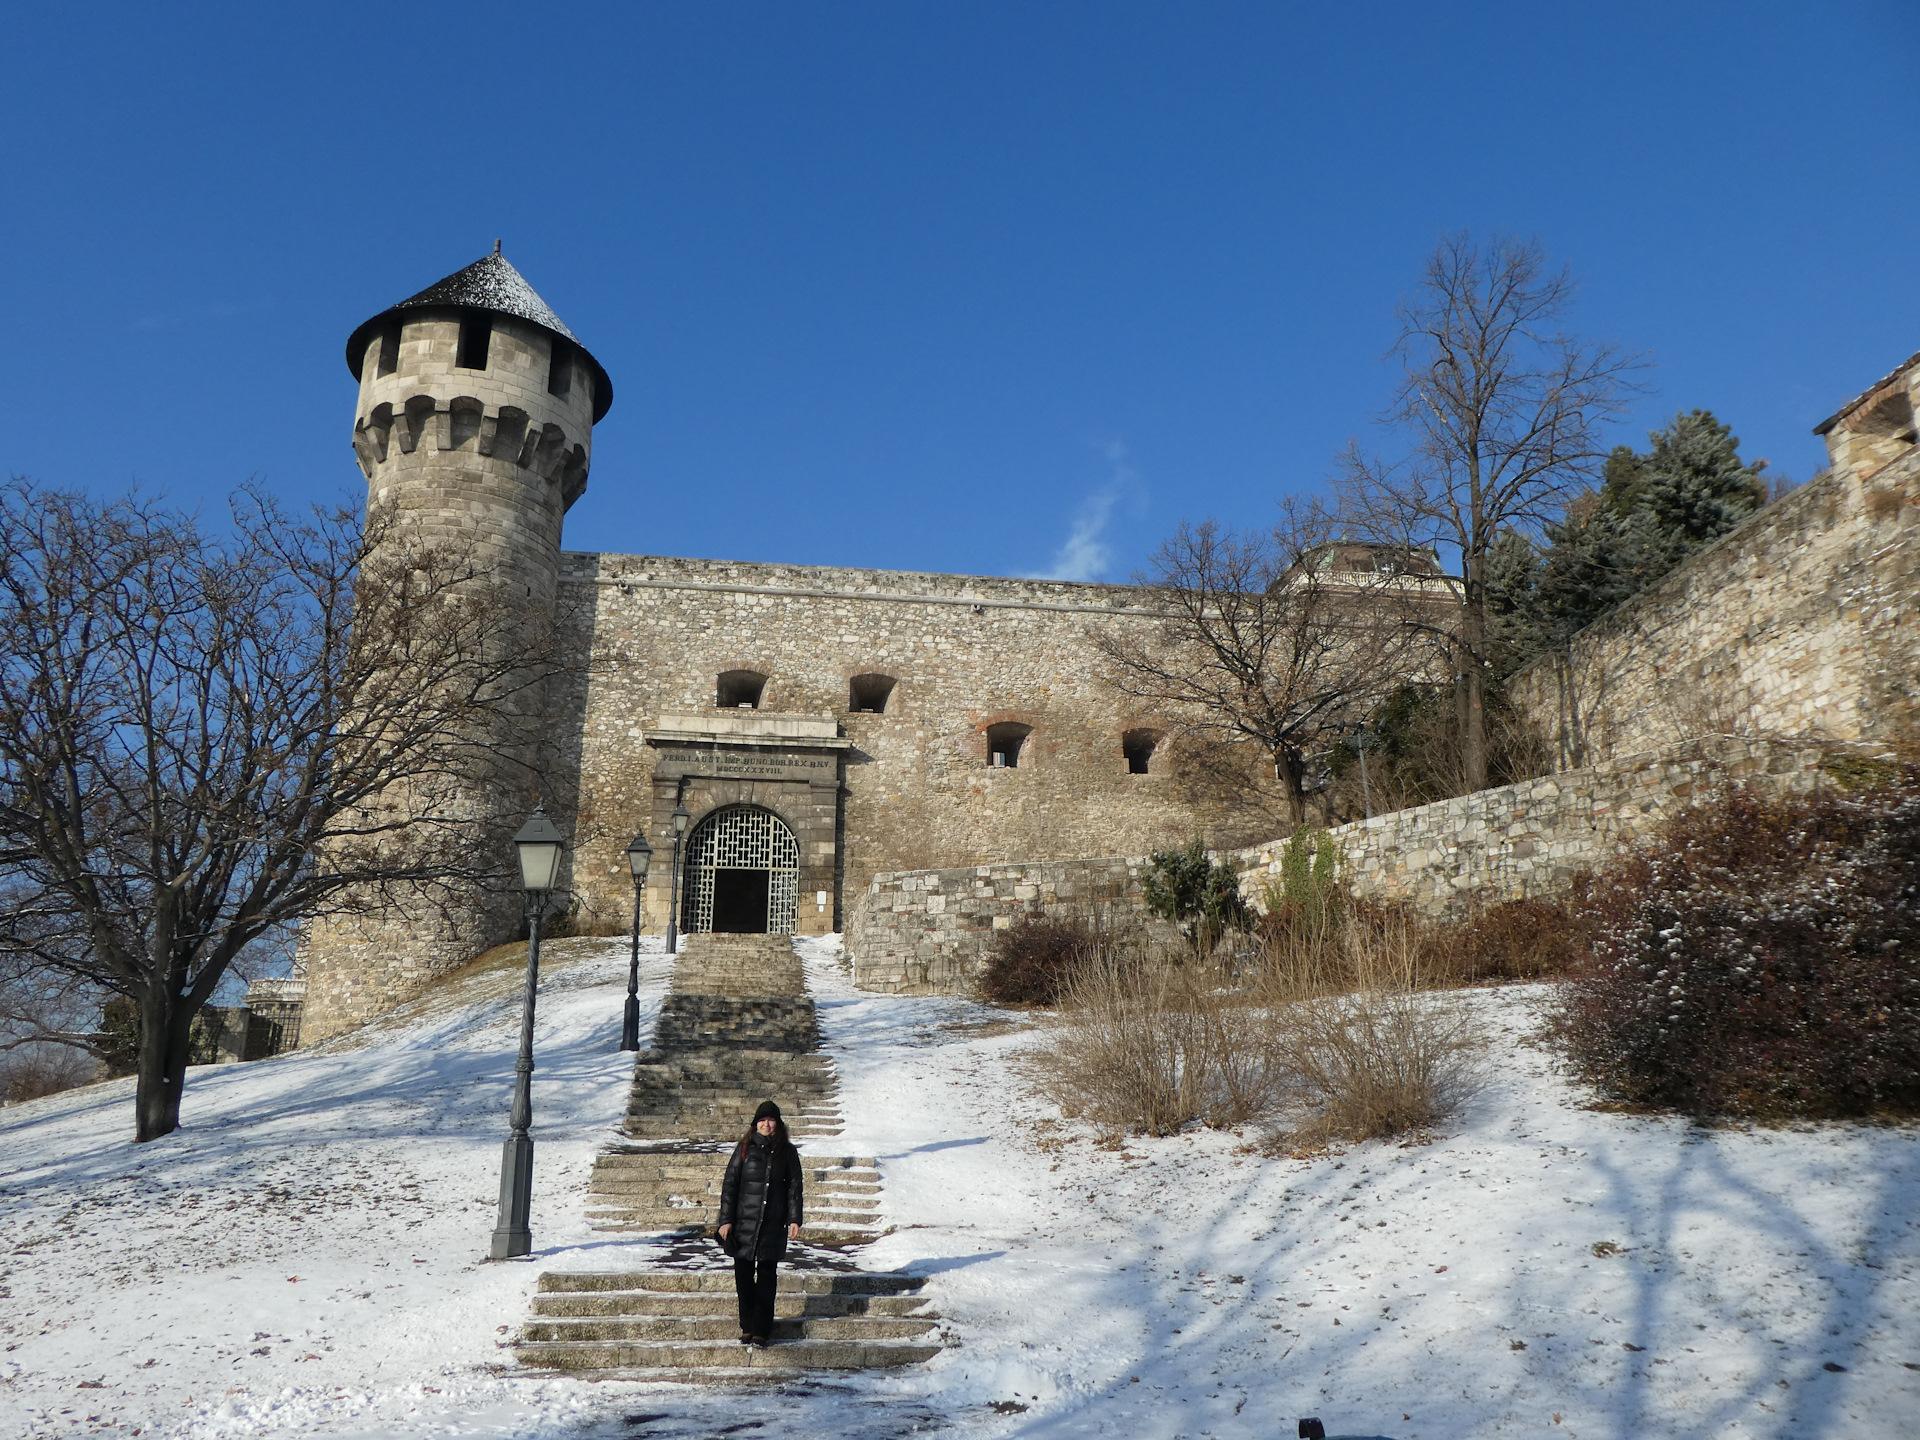 Отзывы туристов об отдыхе в Будапеште Венгрия 2018